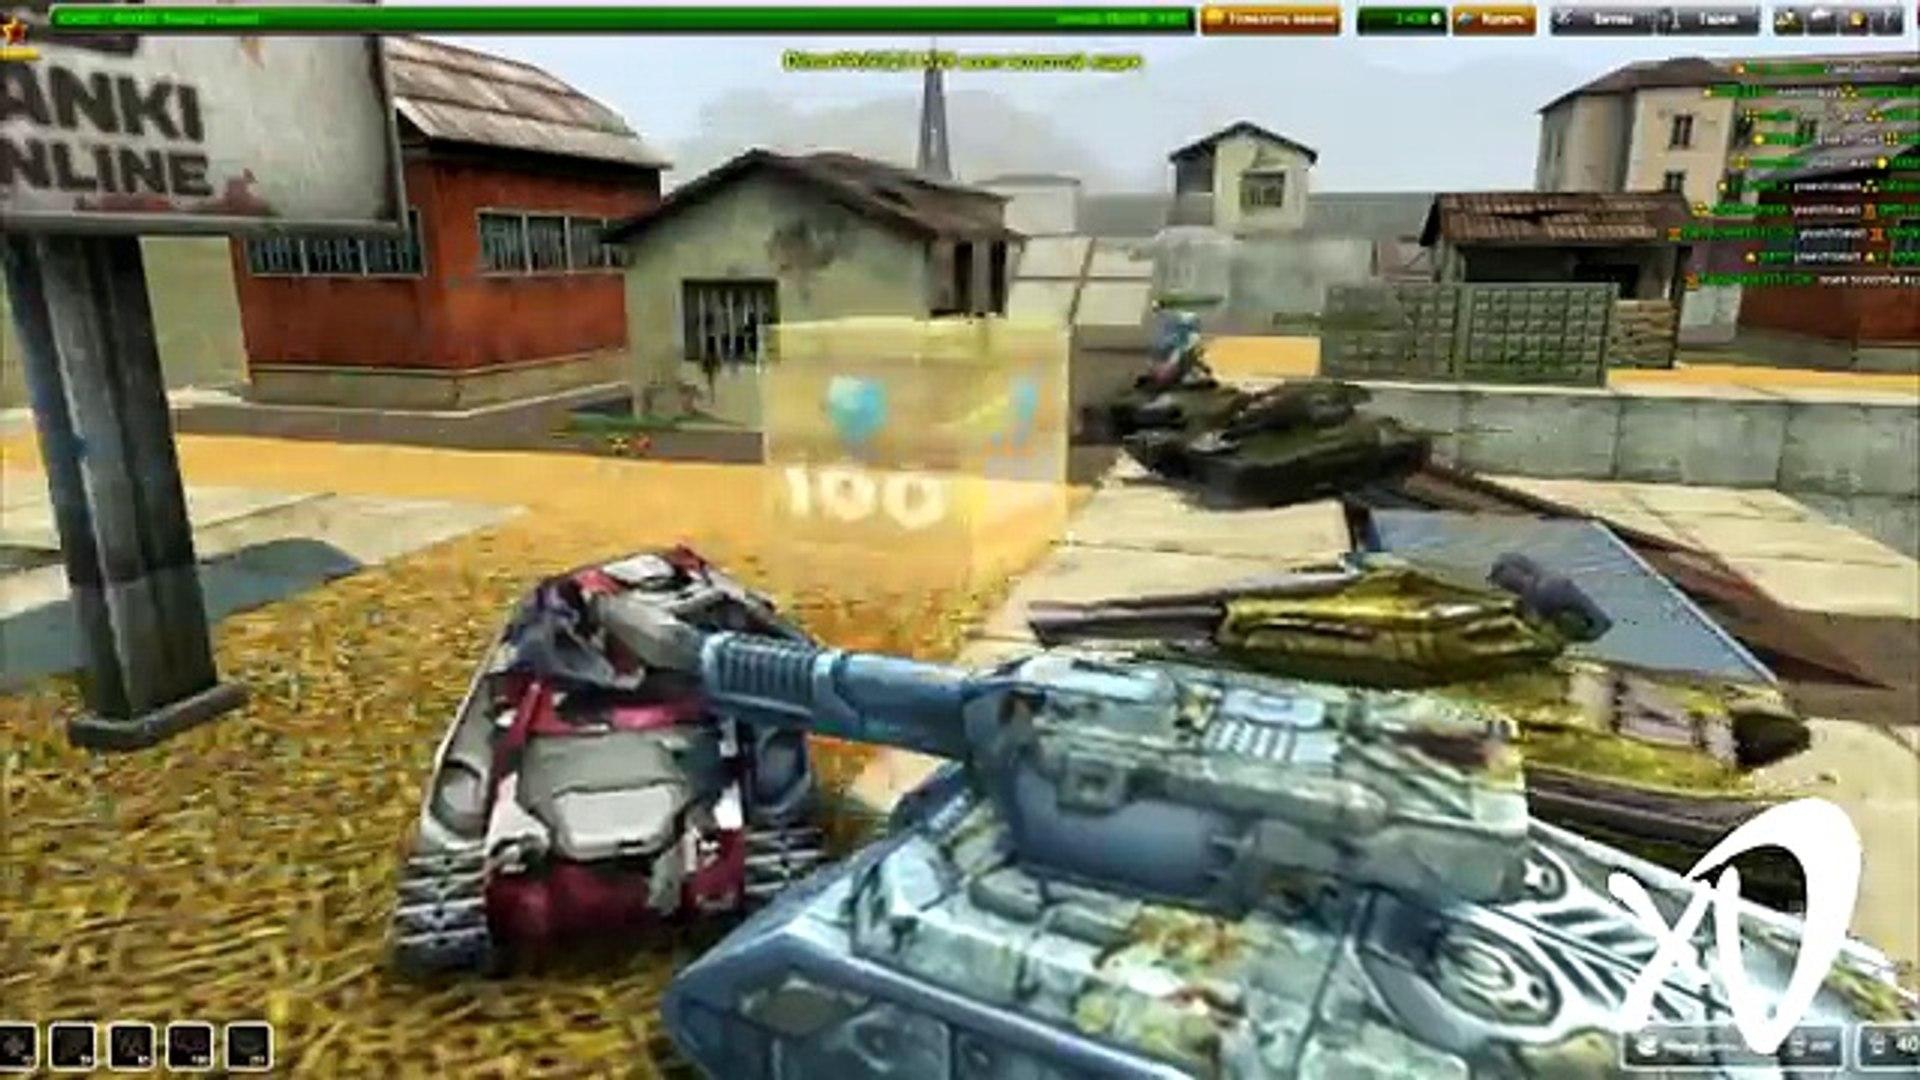 Tanki Online - Old Gold Box vs New Gold Box